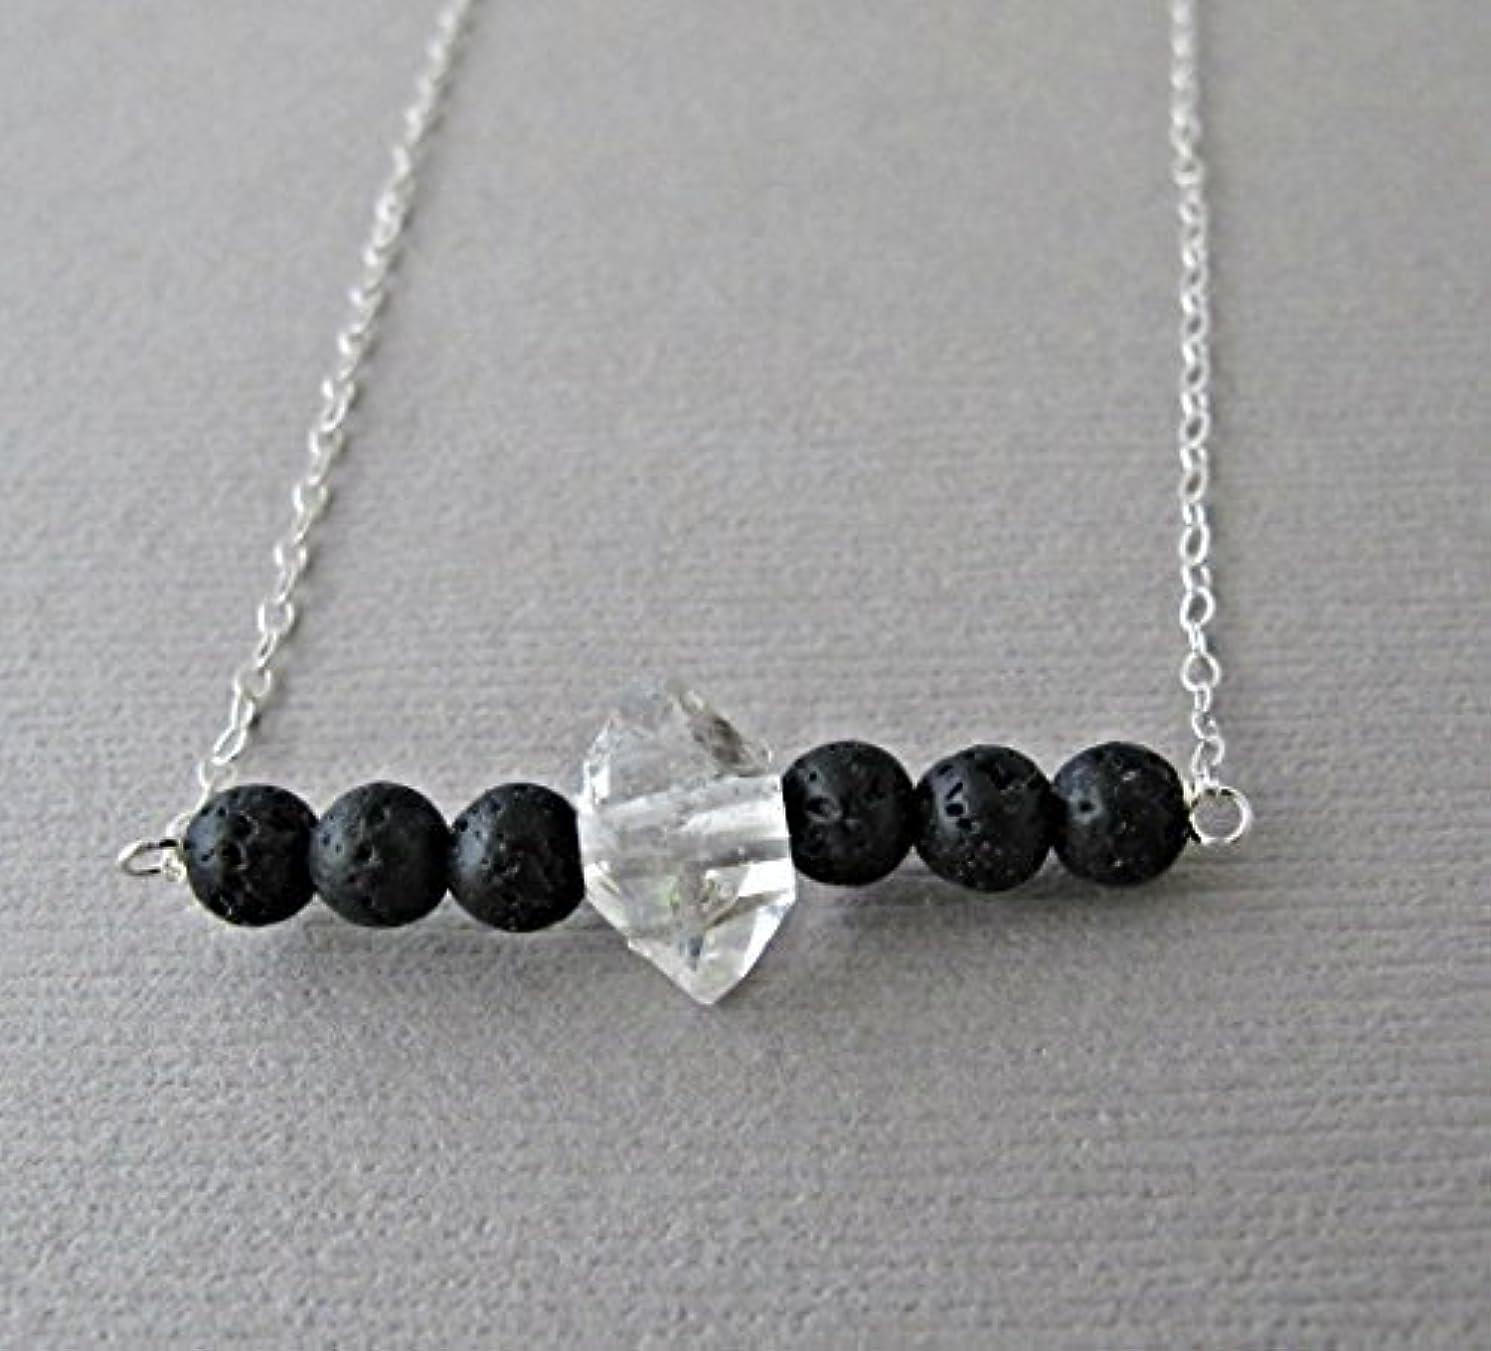 謙虚好み名目上のHerkimer Diamond Lava Pendant Essential Oil Necklace Diffuser Aromatherapy - Simple Minimalist Lava Bead Diffuser...